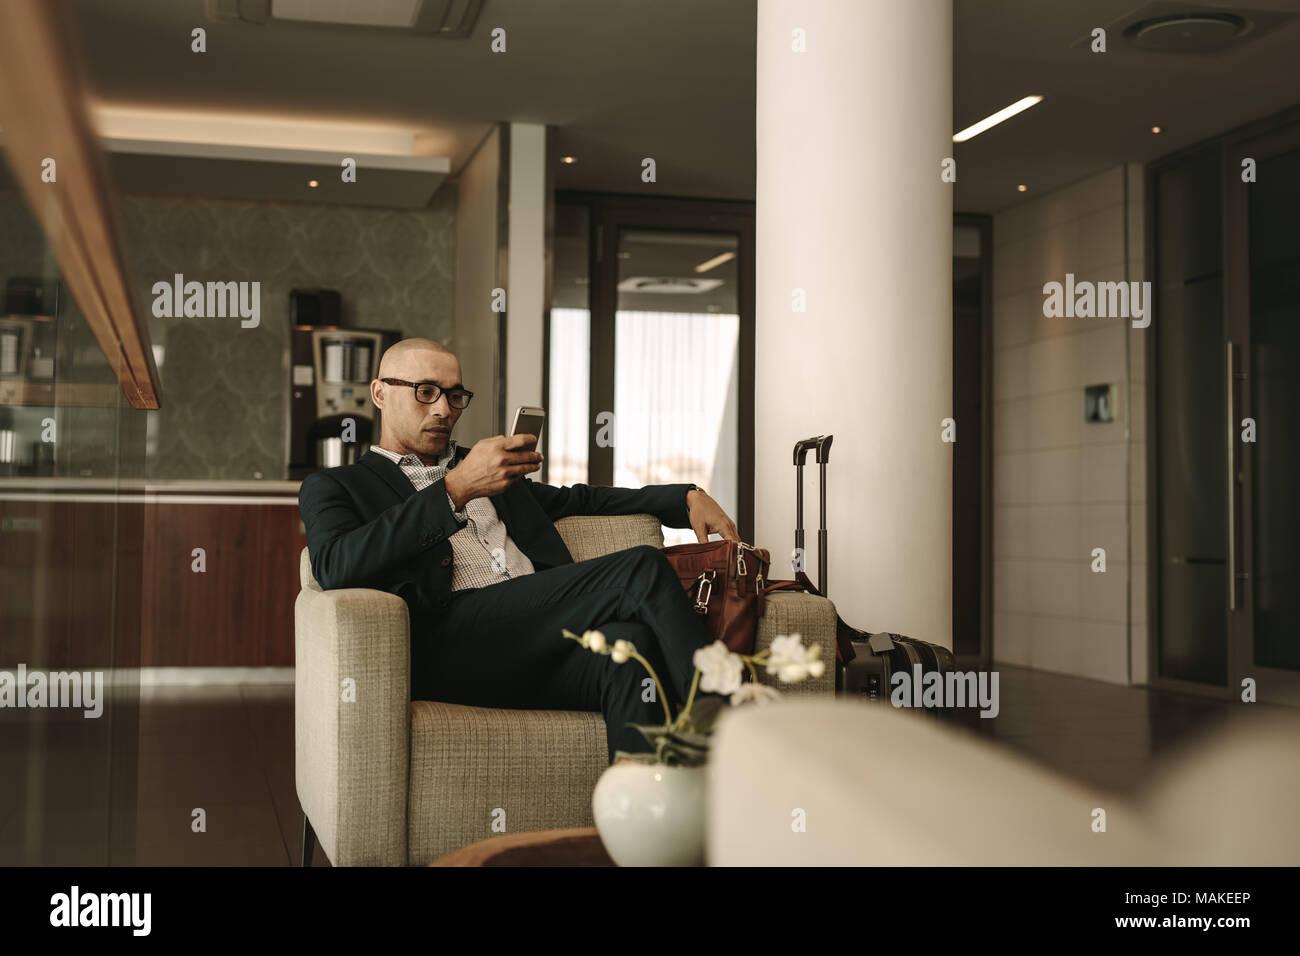 Geschäftsreisende in Airport Lounge warten und über Handy. Unternehmer warten auf Kampf an Airport Lounge. Stockfoto